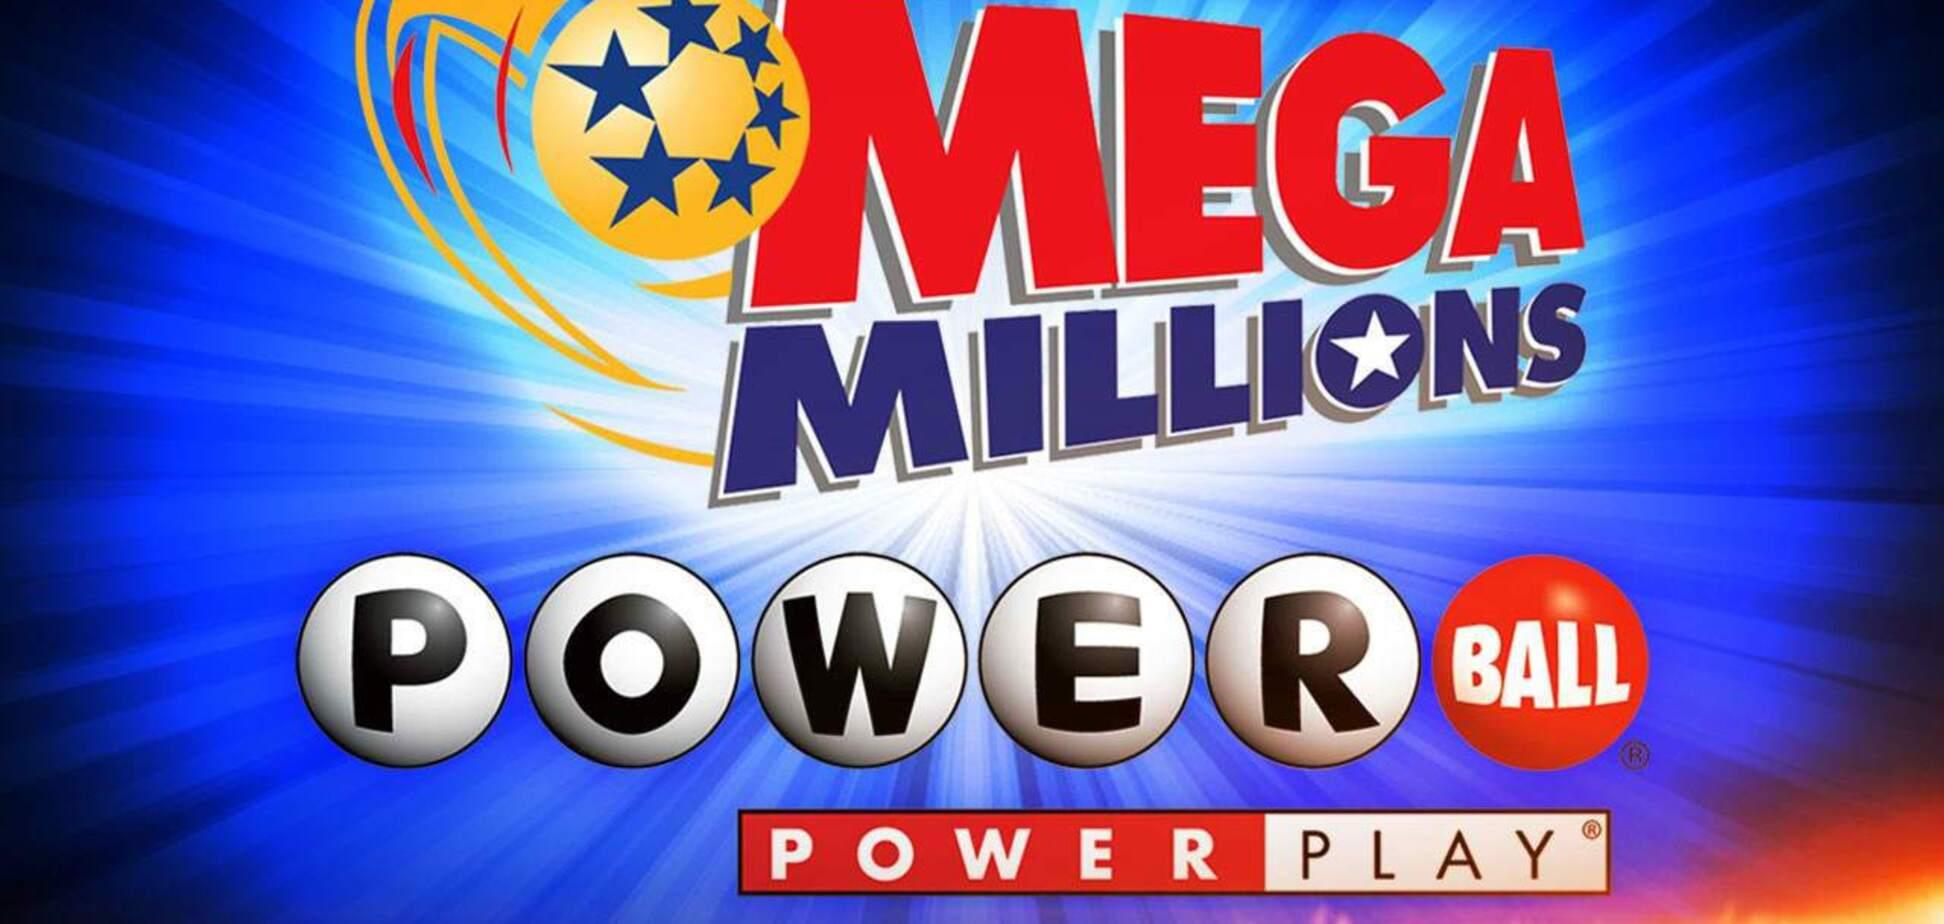 Як виграти $1,1 млрд в американських лотереях з України